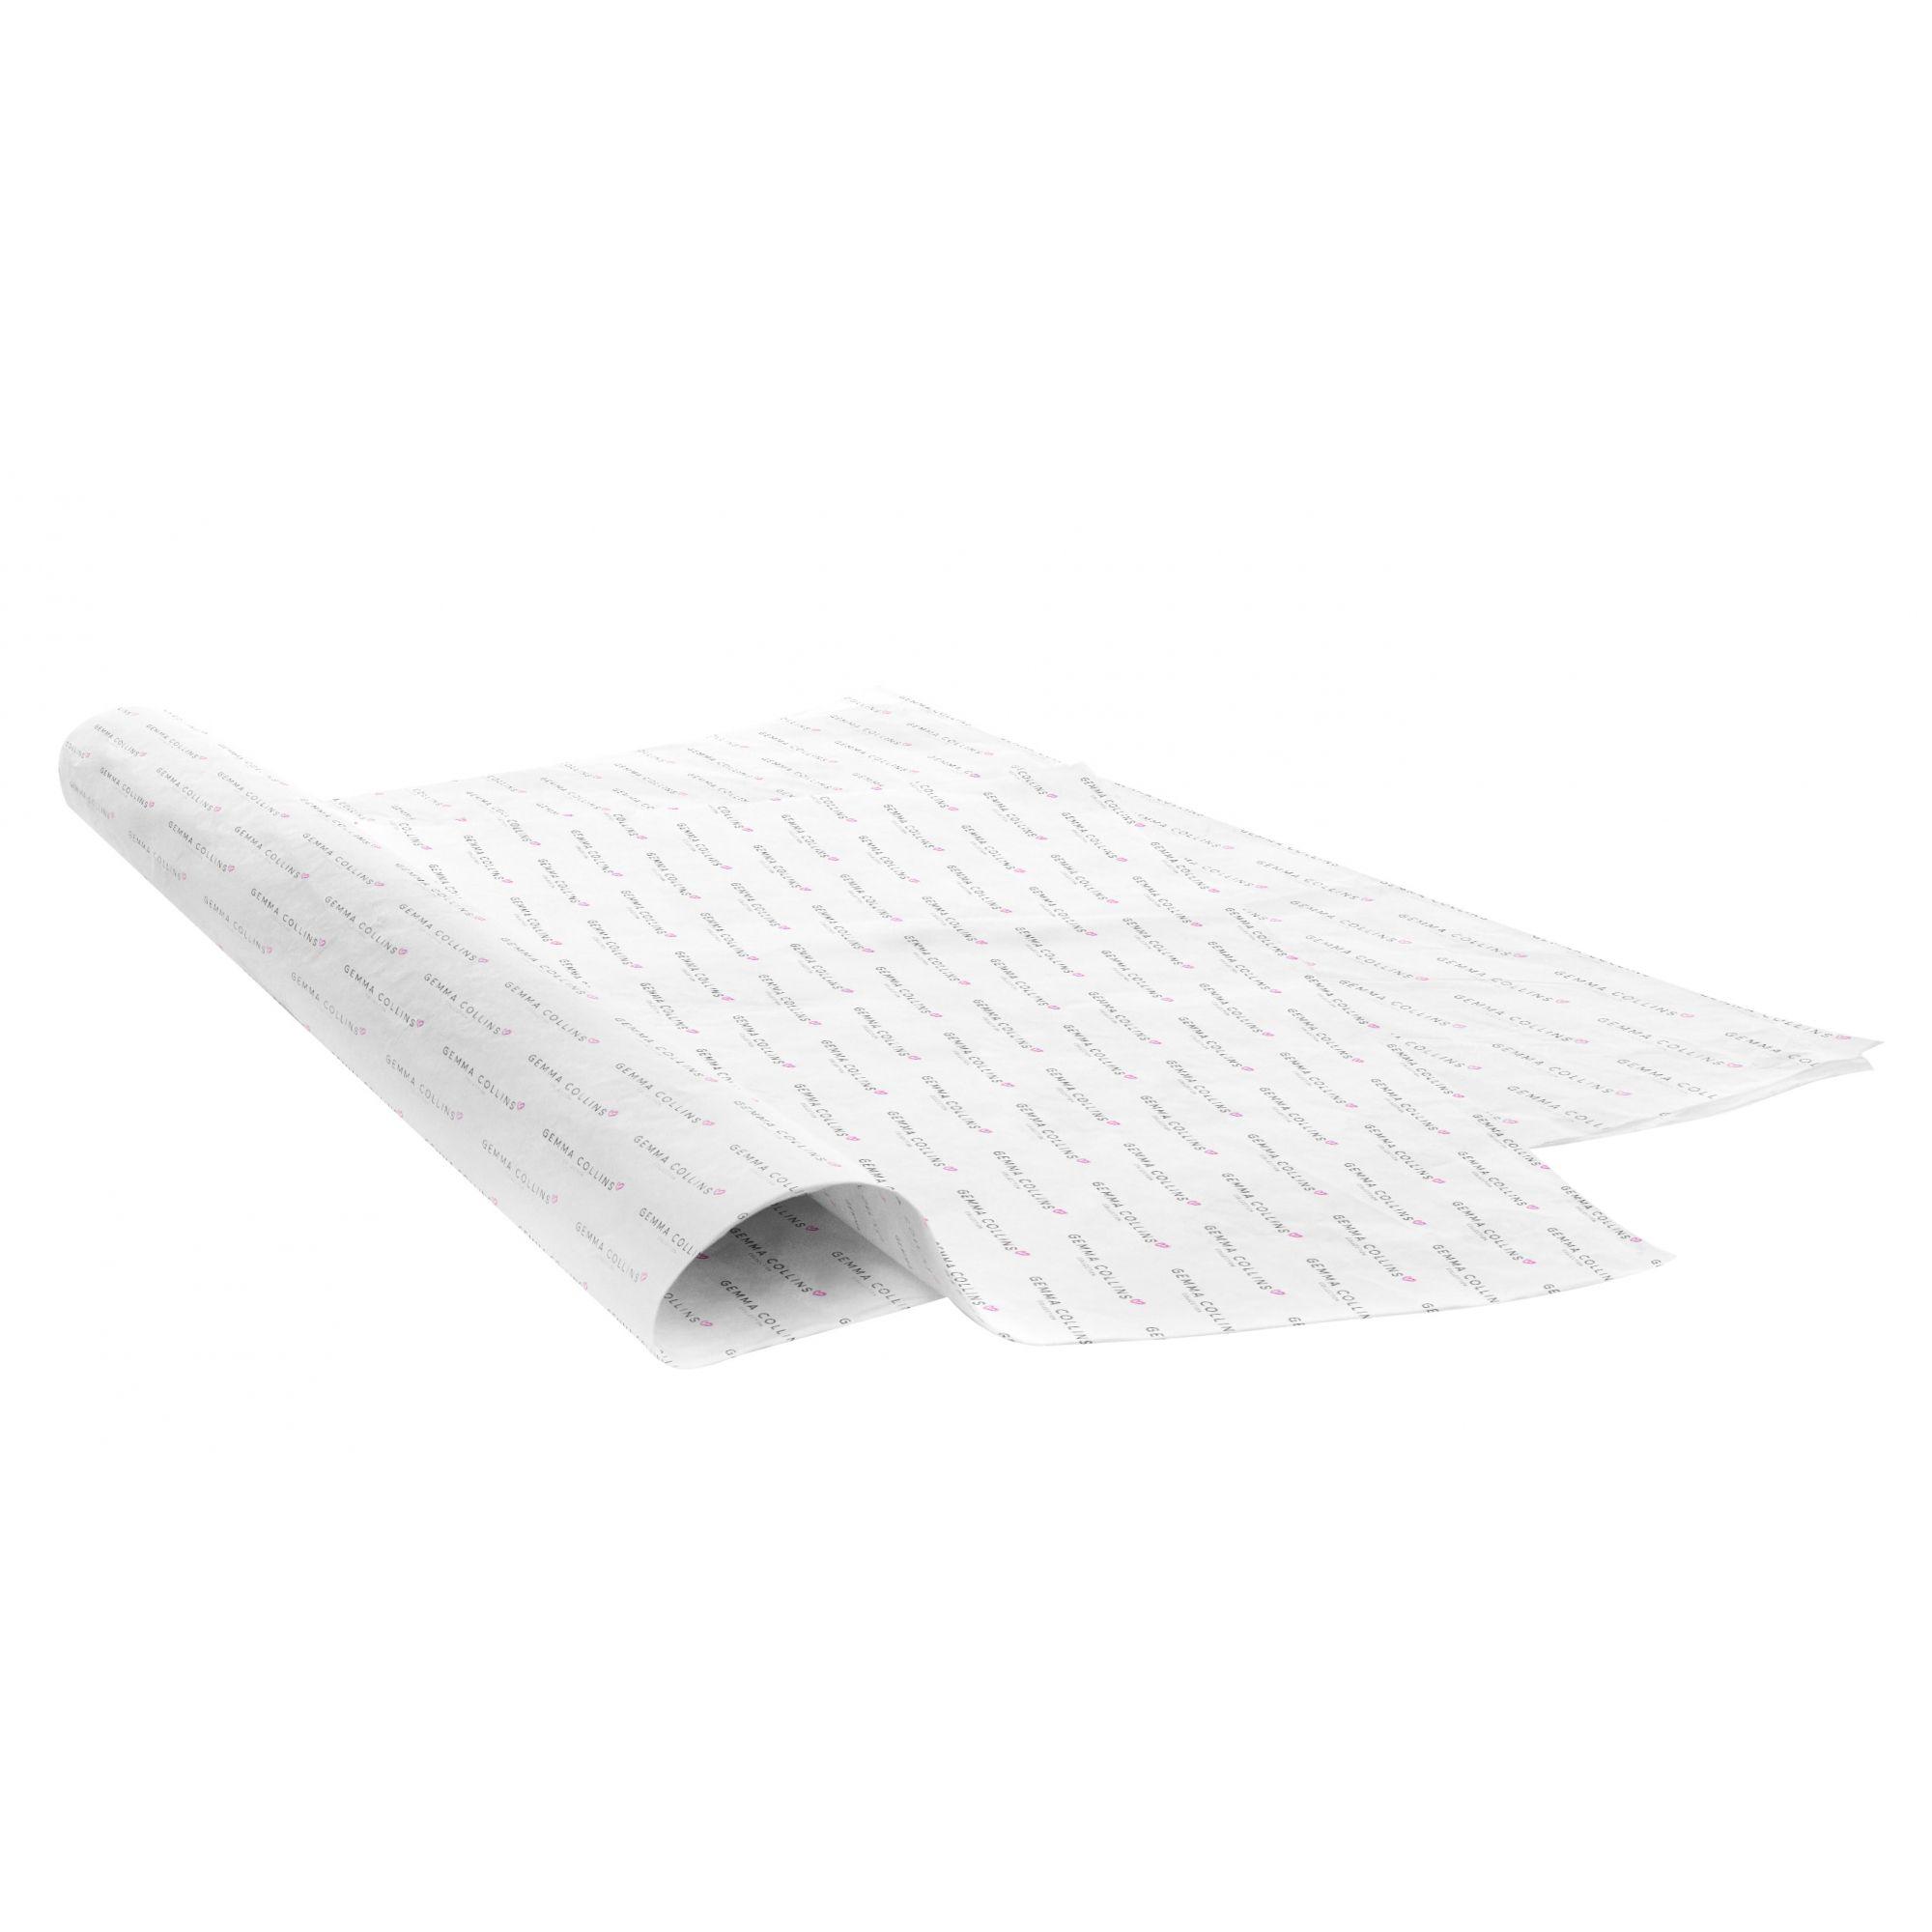 Papel de Seda Personalizado  20g/m - Tamanho 50x70 - impressão em 1 cor - Linha paper  7133  - Litex Embalagens